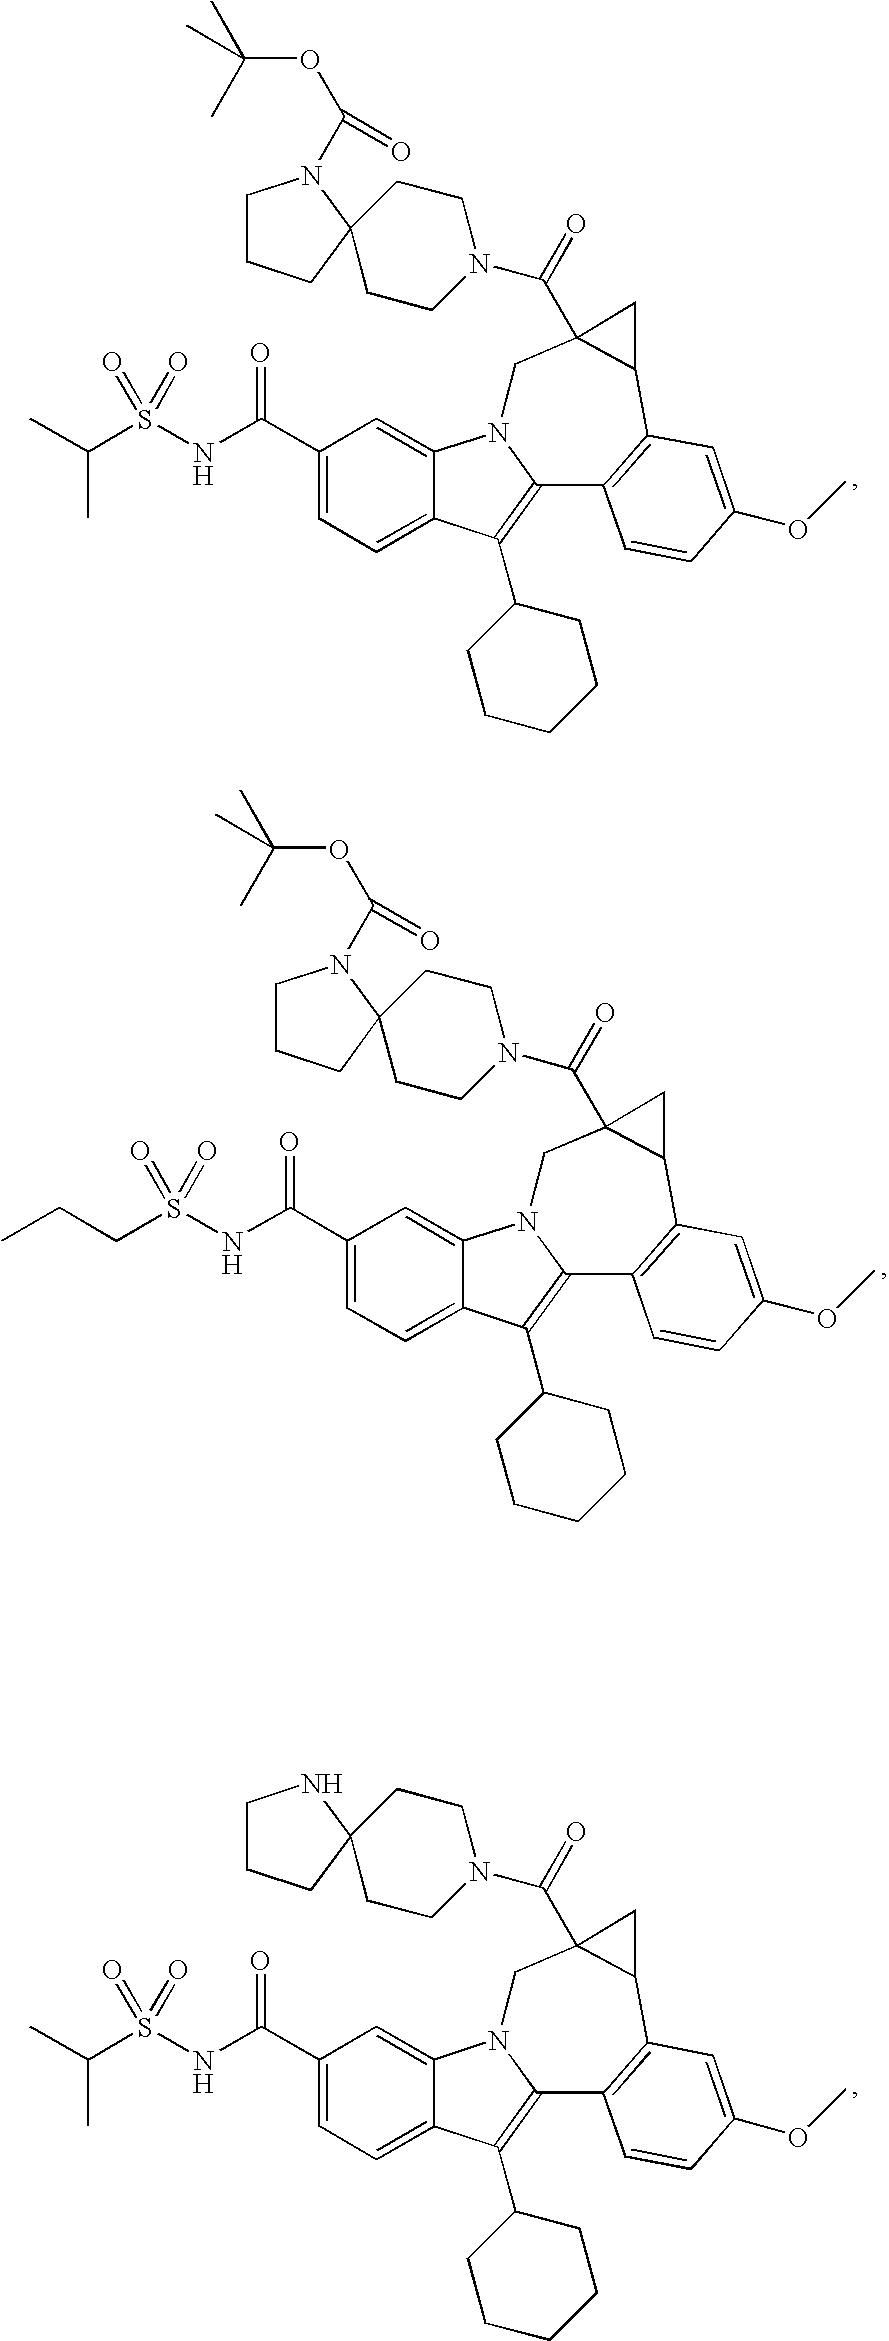 Figure US08124601-20120228-C00138